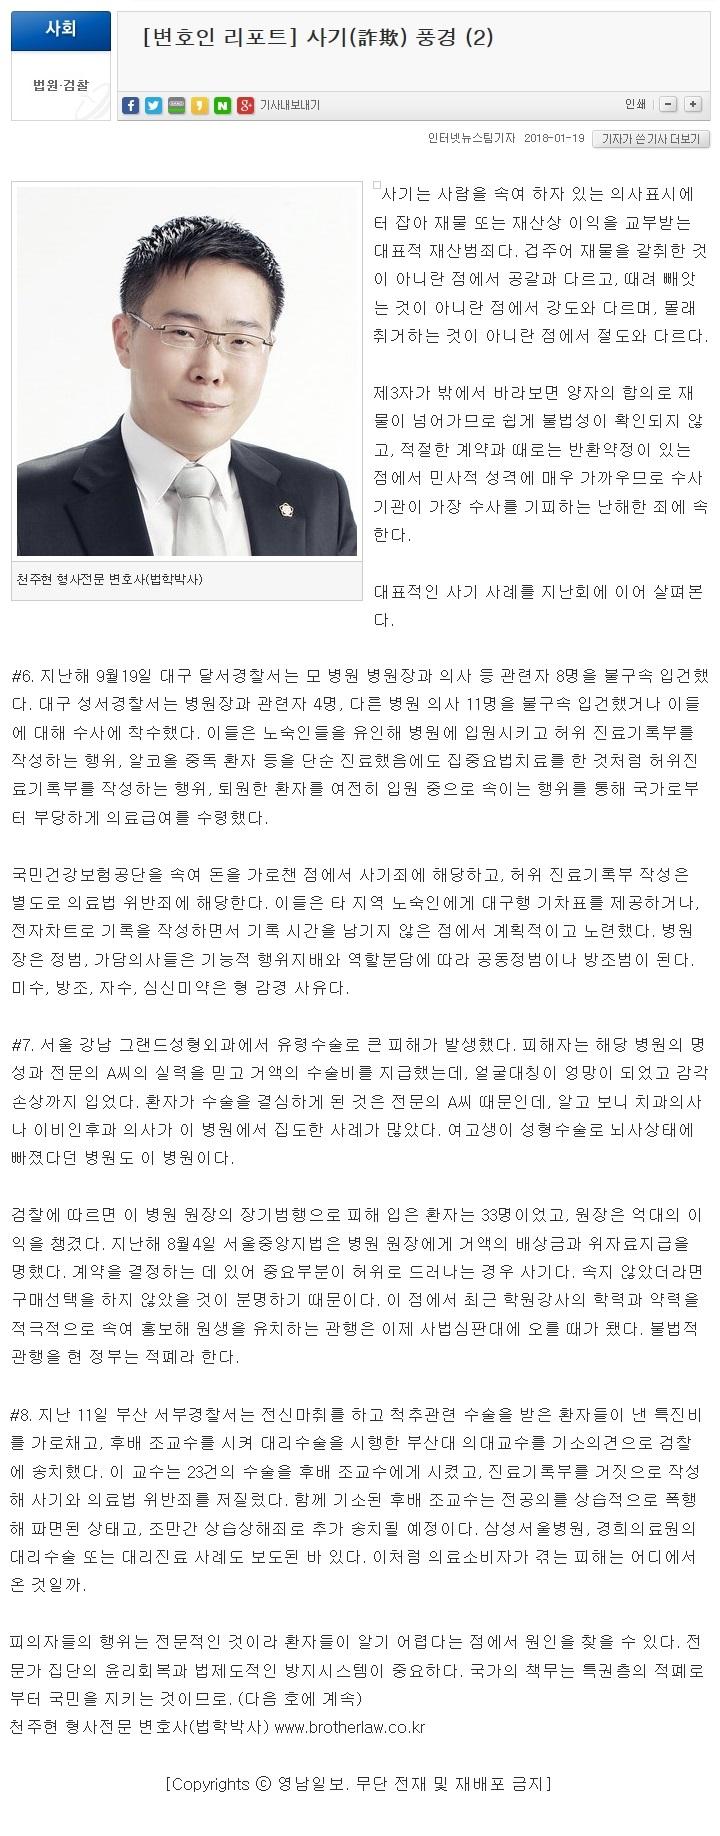 180119-영남일보 본문.jpg